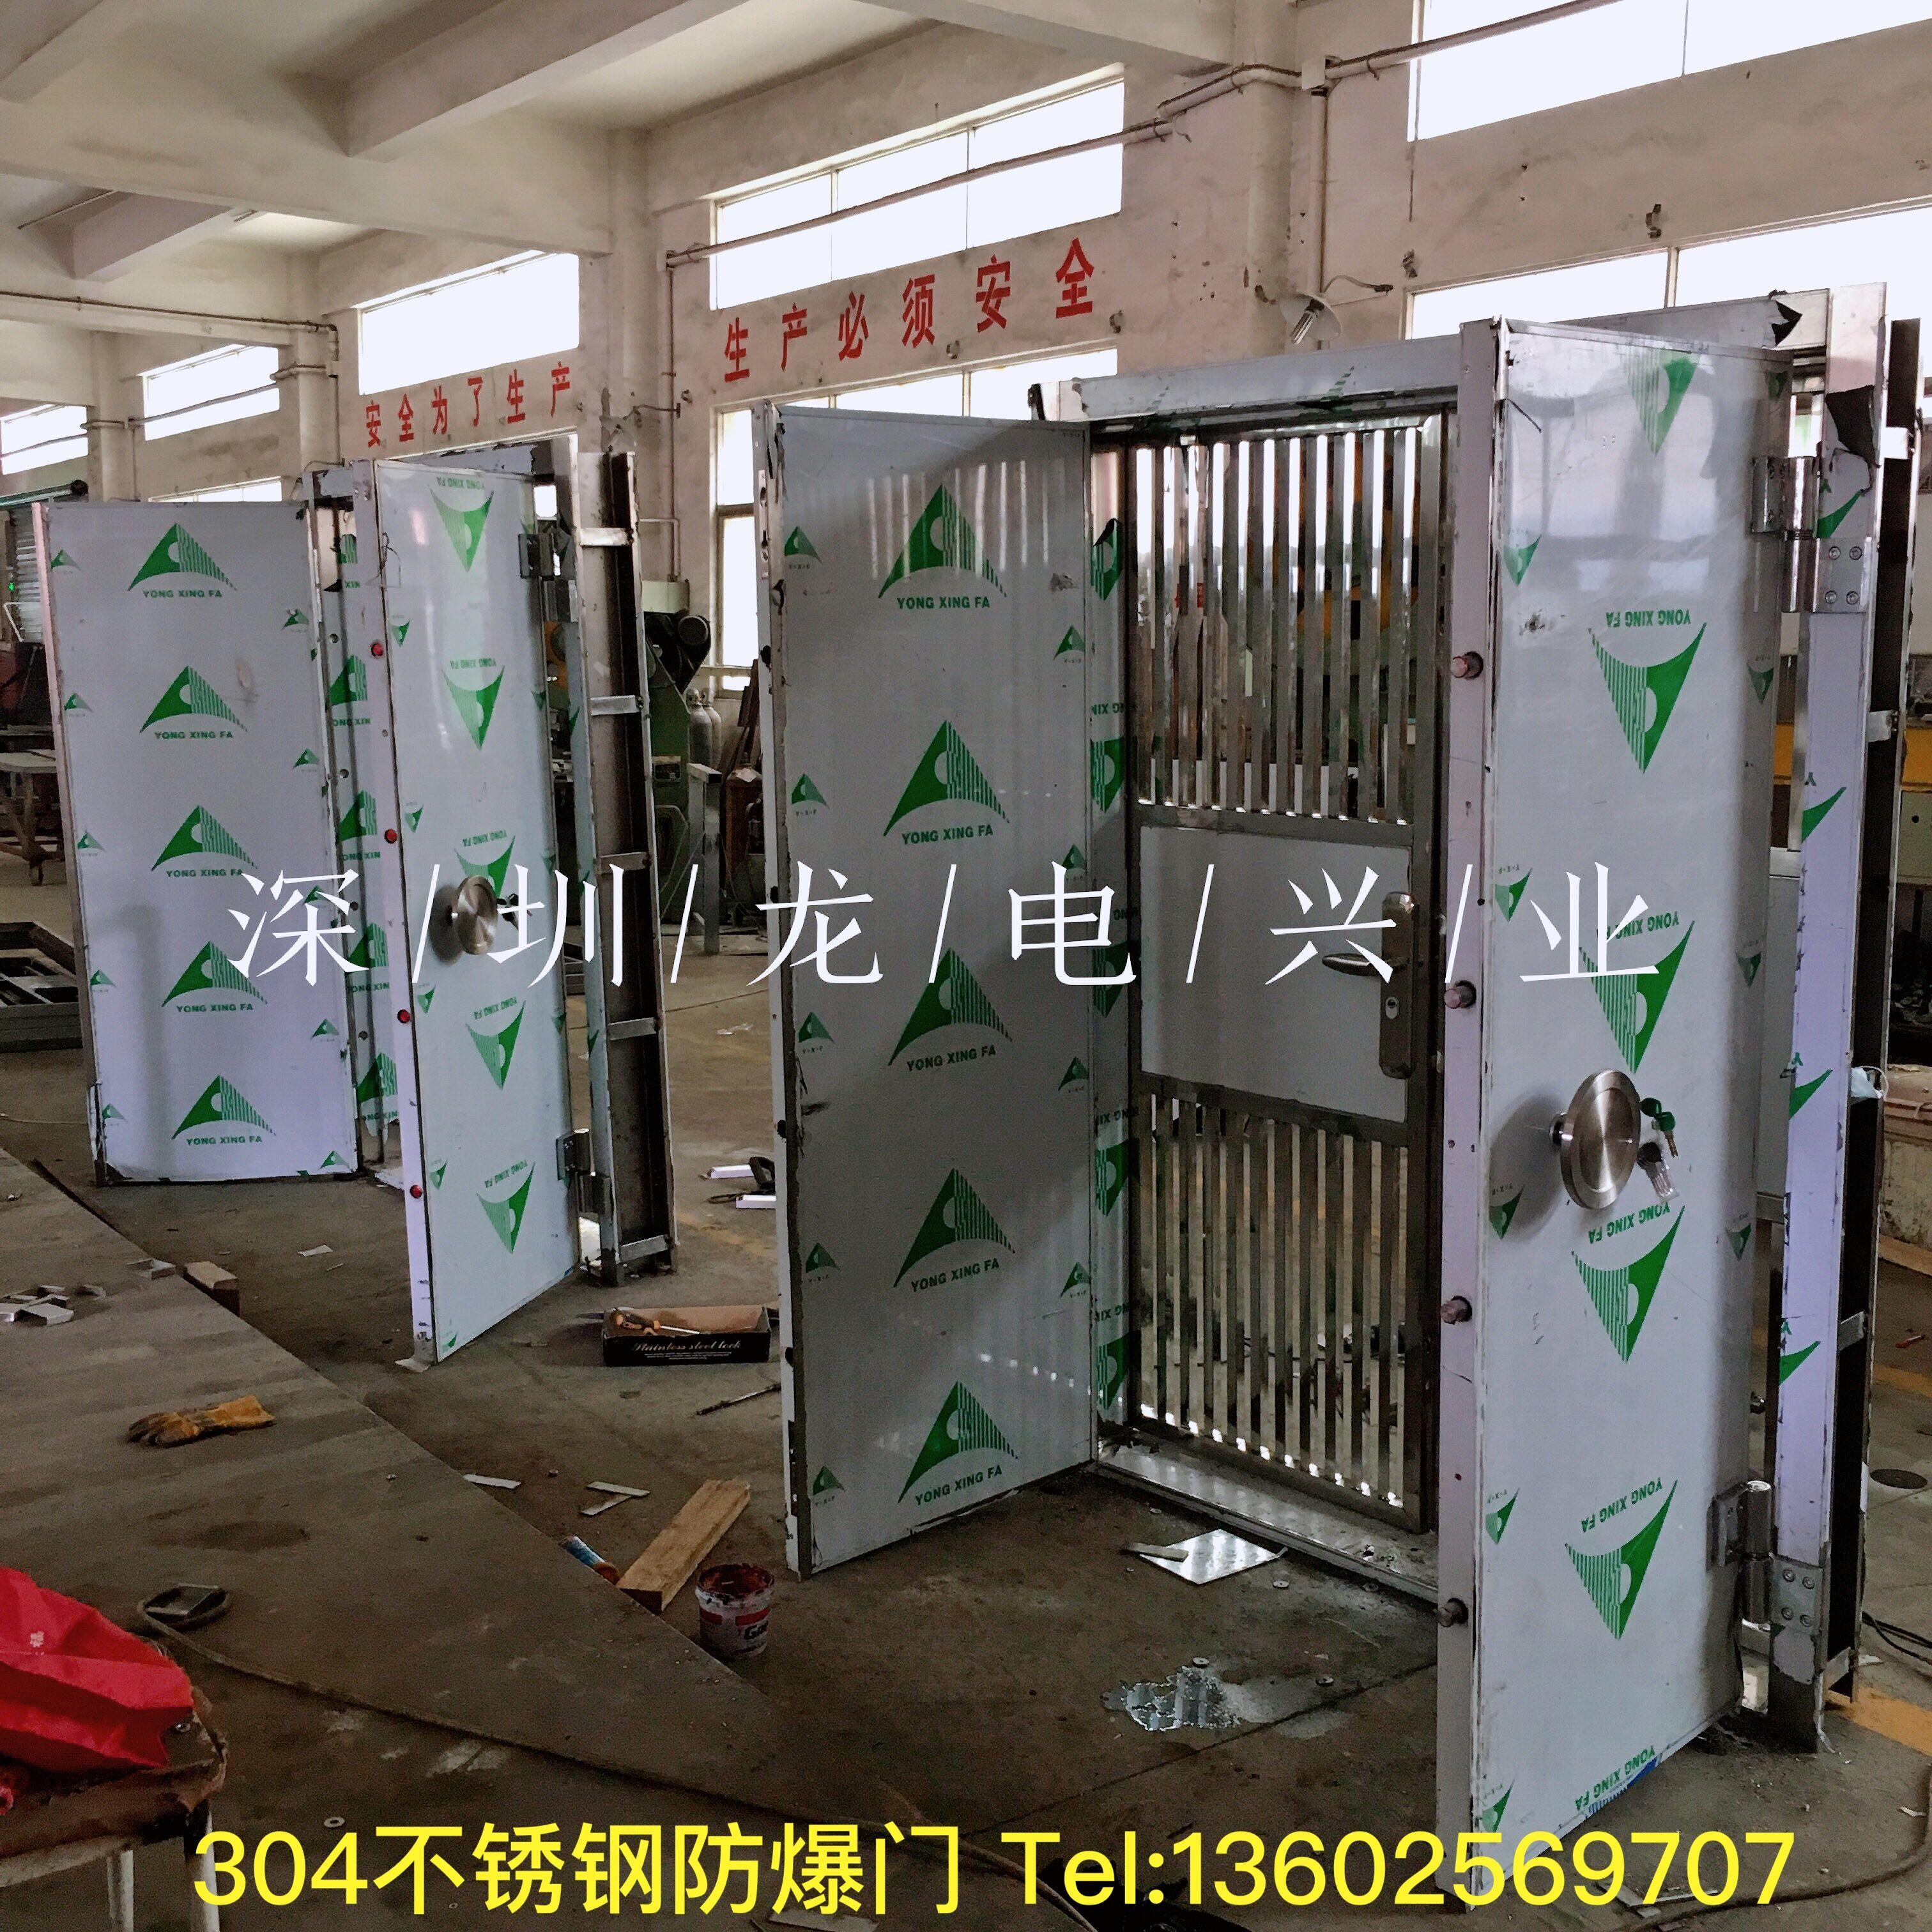 西藏阿里地区不锈钢防爆门厂家